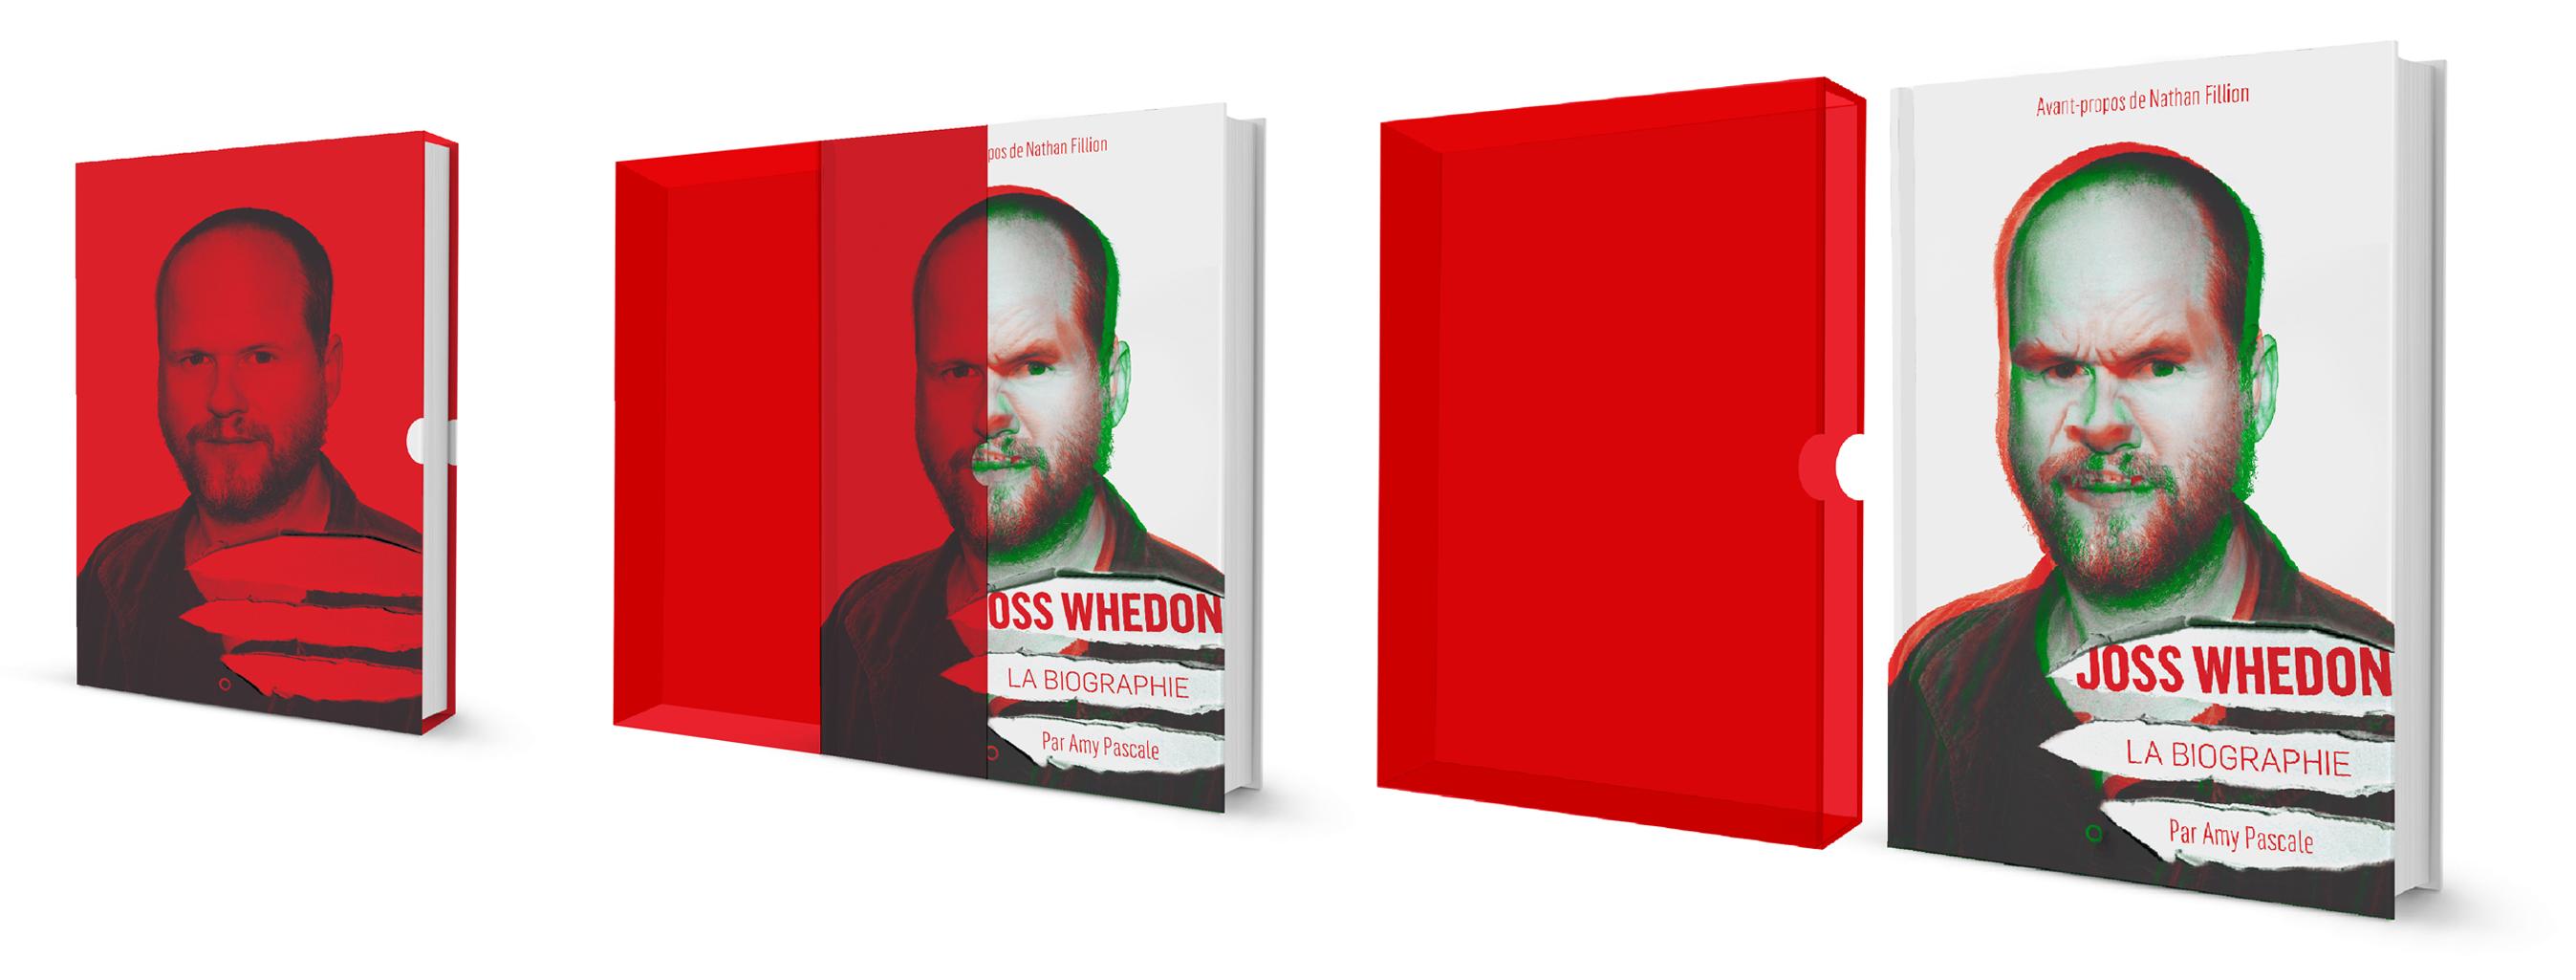 Joss whedon la biographie over the pop by Glénat